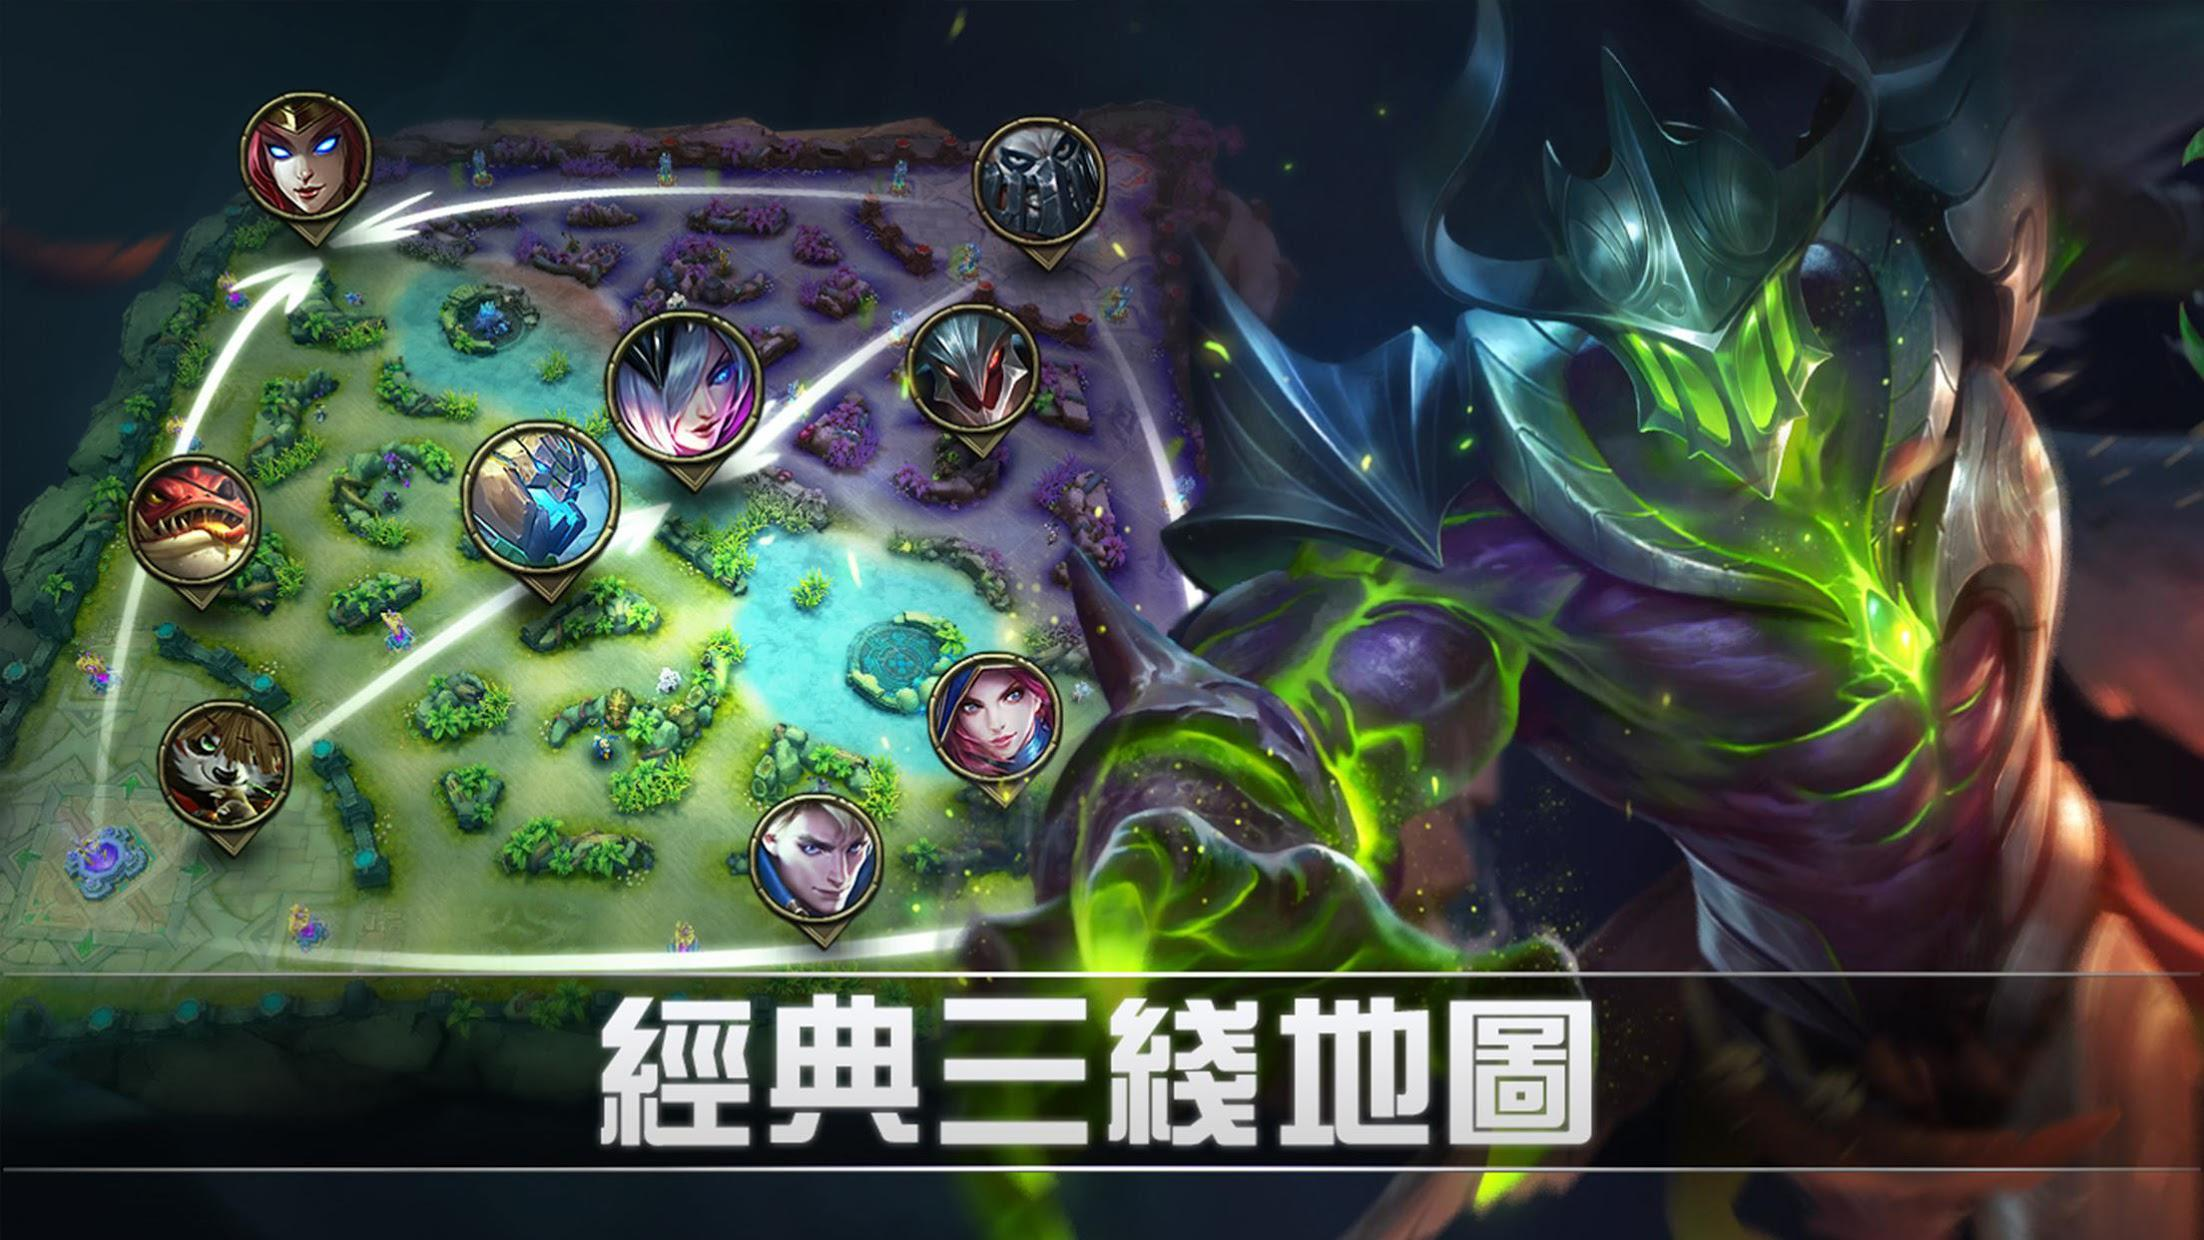 无尽对决(Mobile Legends: Bang Bang) 游戏截图2